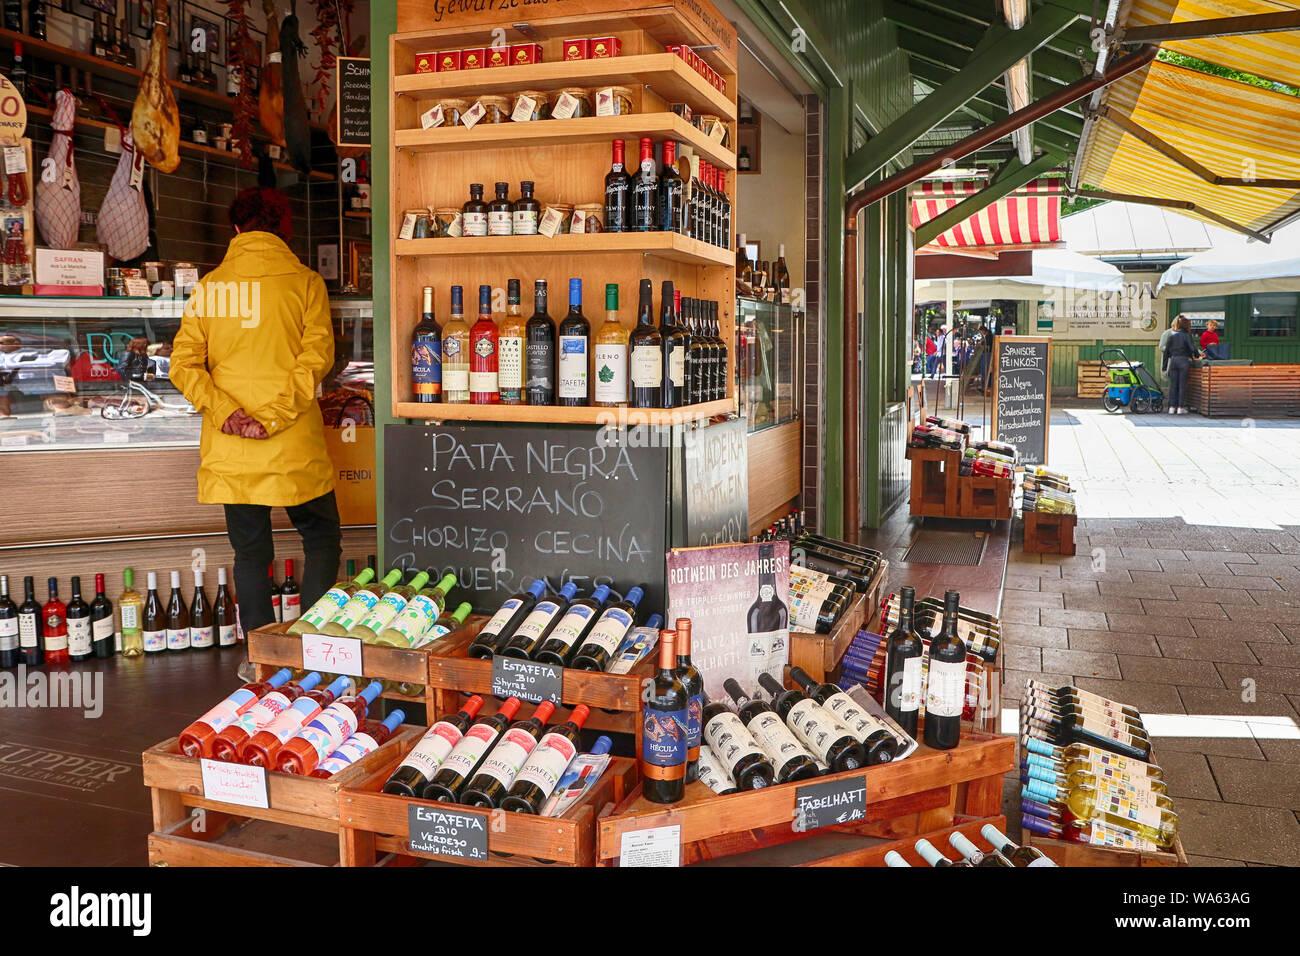 MUNICH, Alemania - 16 de agosto de 2019 comida gourmet y tienda de vinos ofrece especialidades internacionales y delicadeza de Baviera en Múnich Viktualienmarkt, hito Foto de stock